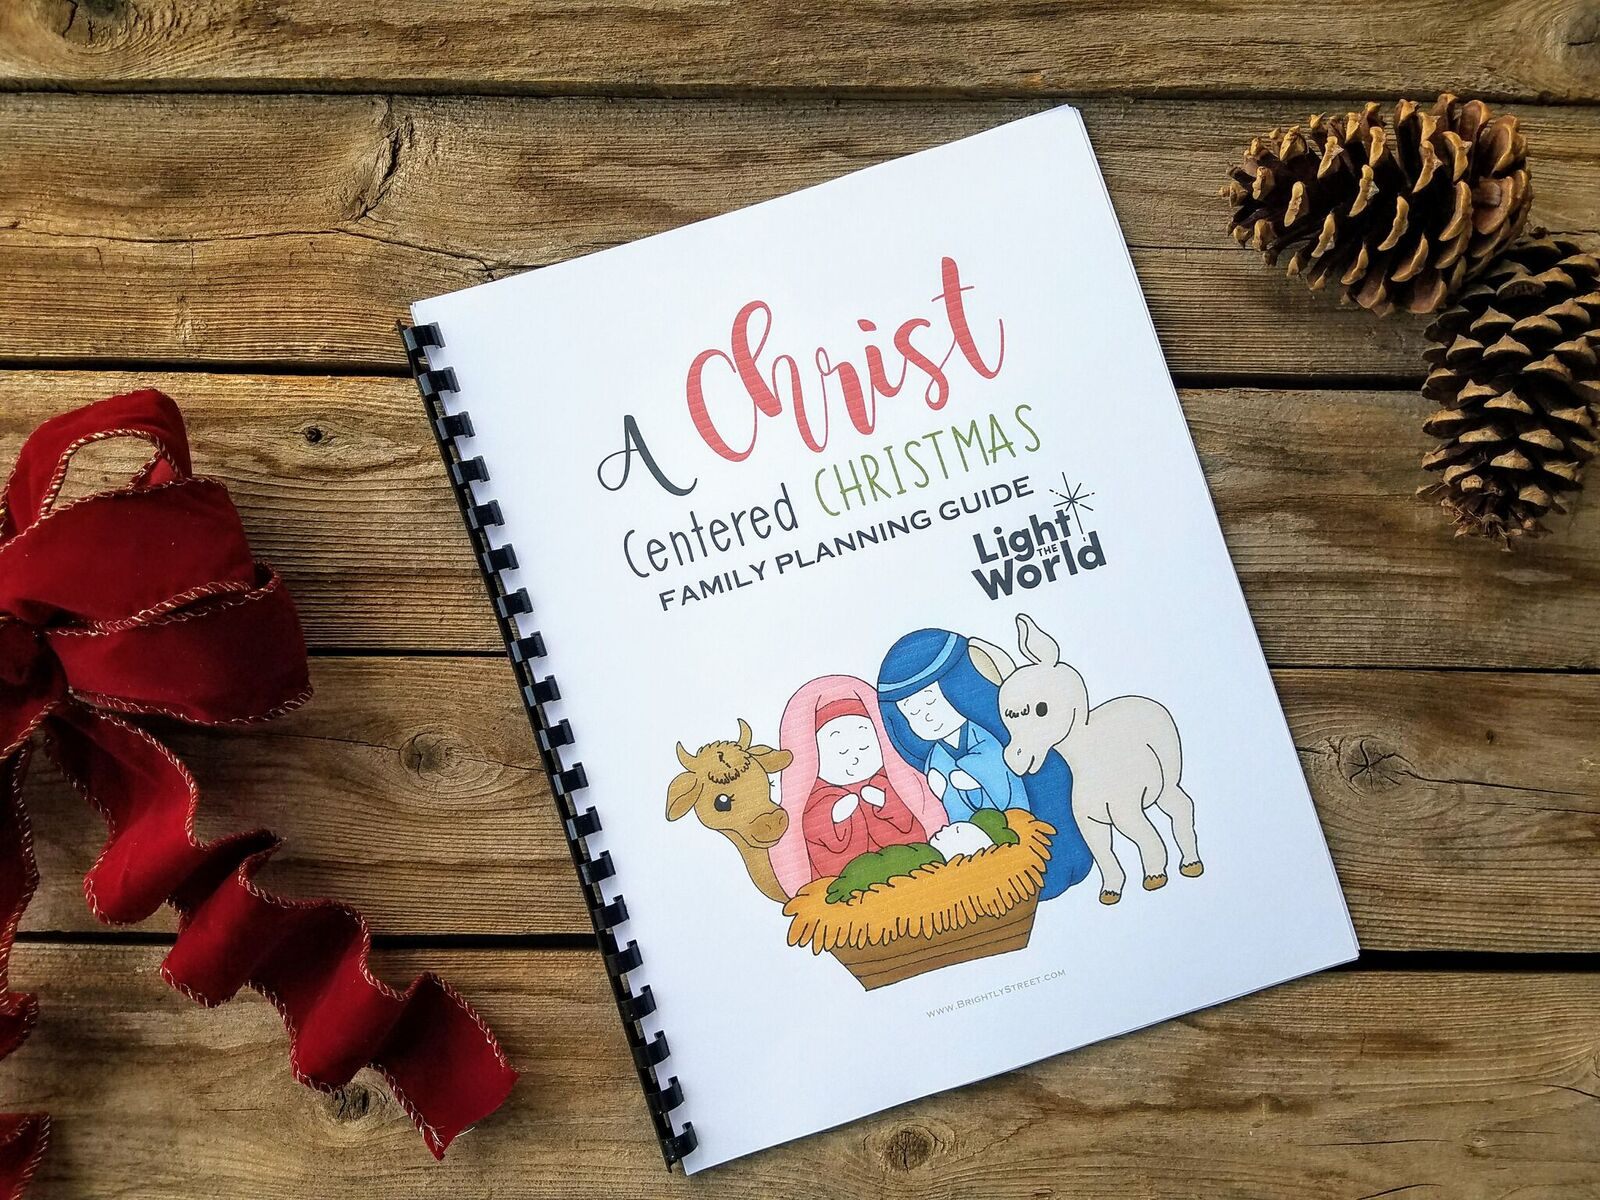 #LightTheWorld Christmas Family Planning Guide